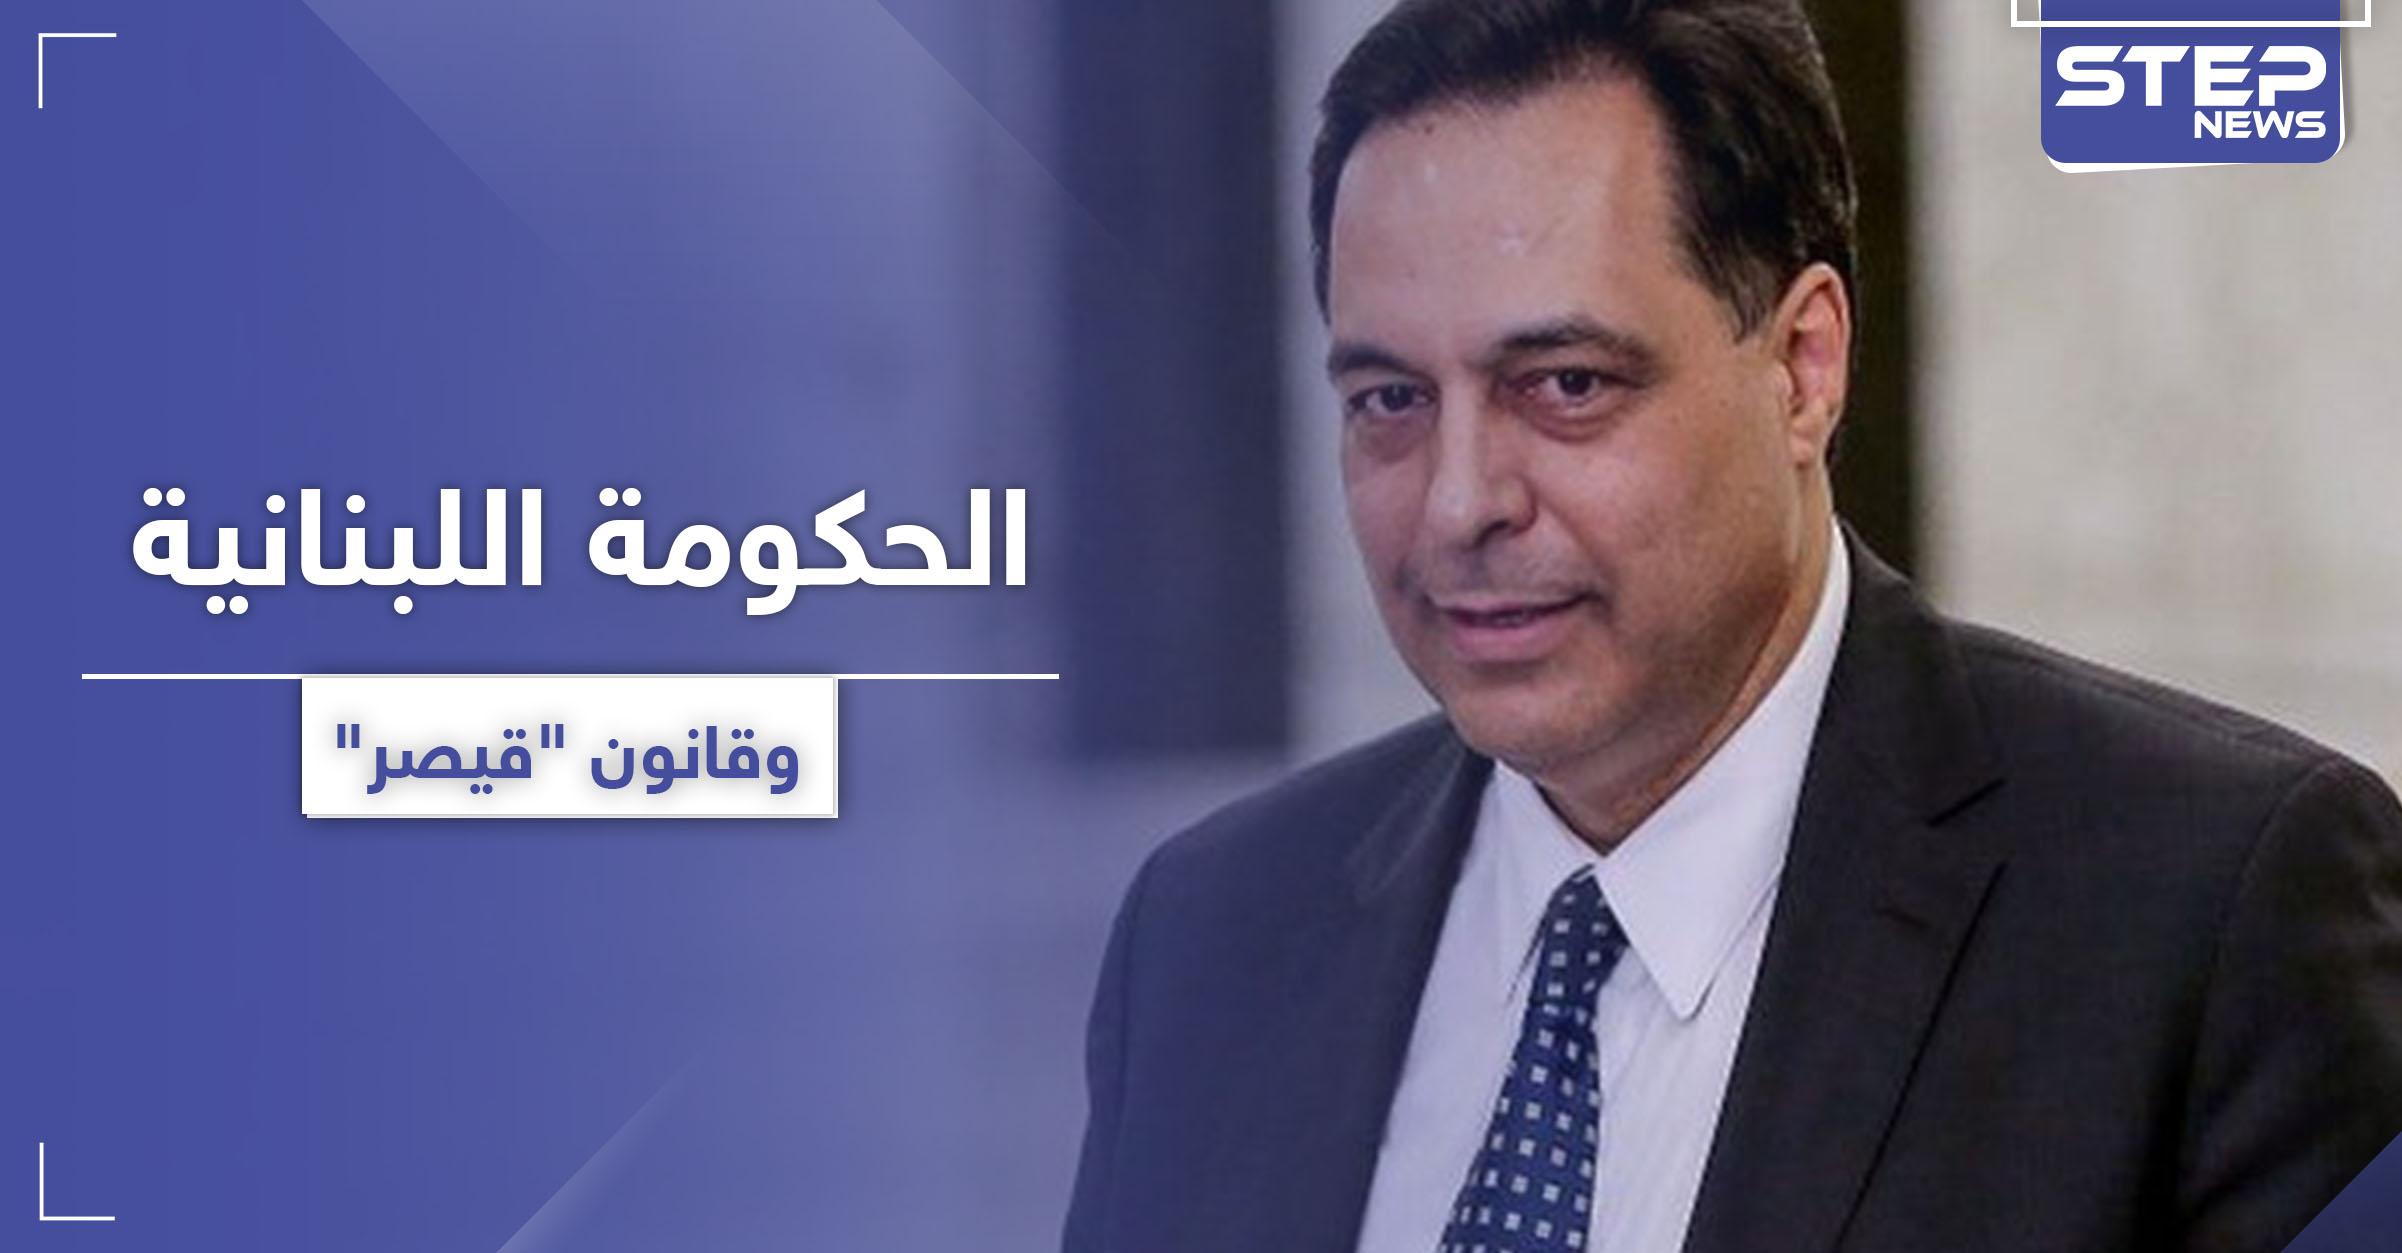 """رئيس الحكومة اللبنانية يطالب بتحييد بلاده عن عقوبات """"قيصر"""""""